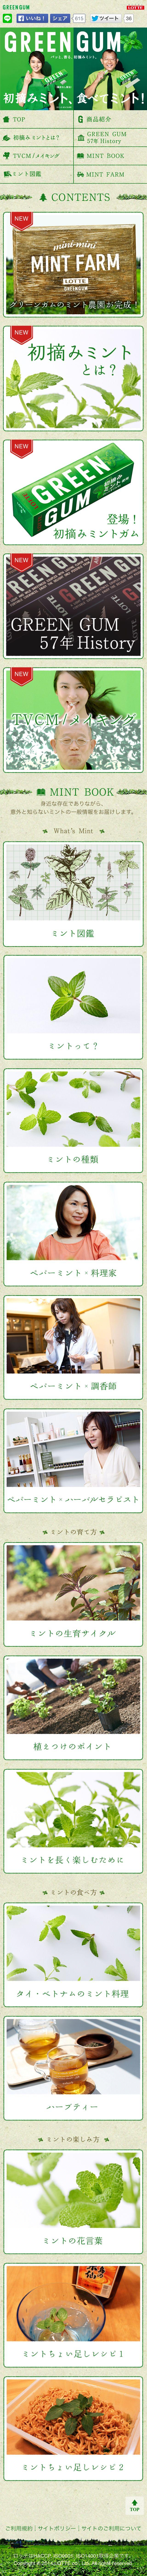 http://www.lotte-greengum.jp/sp/mintfarm/